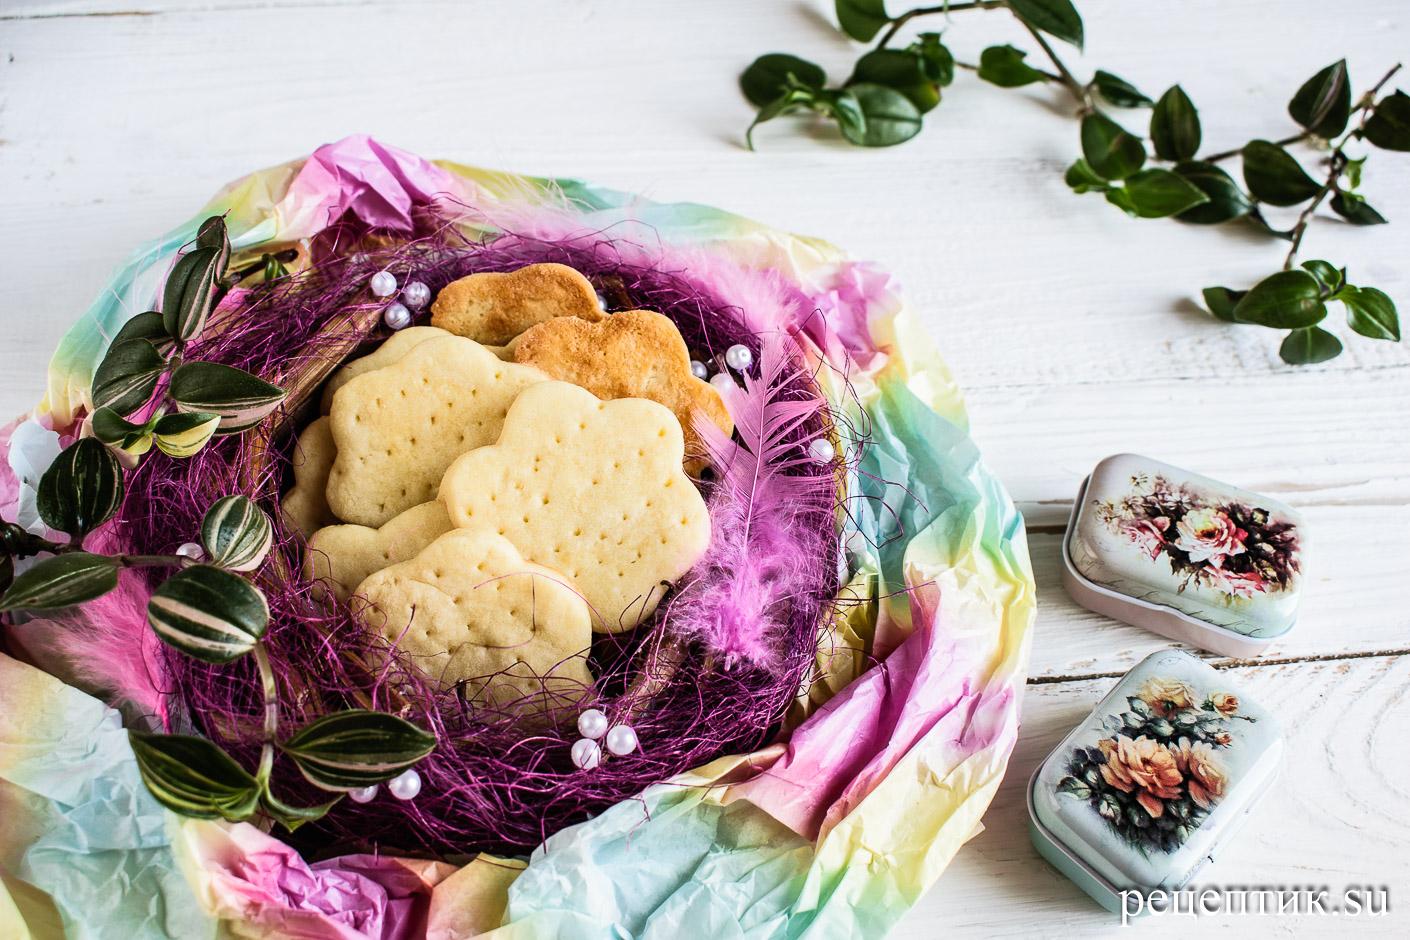 Песочное печенье к чаю — самое простое и самое вкусное - рецепт с фото, результат